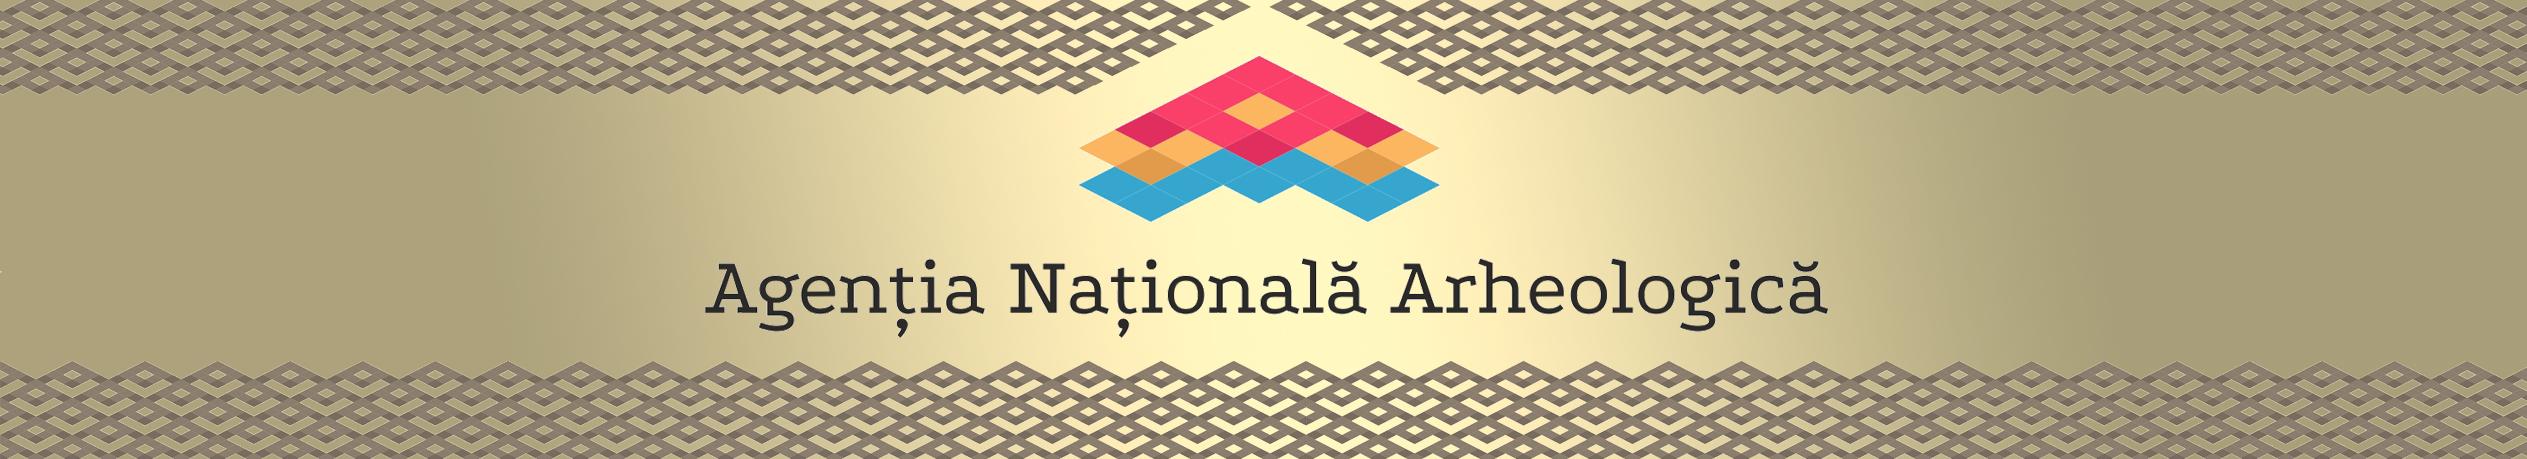 Agenția Națională Arheologică